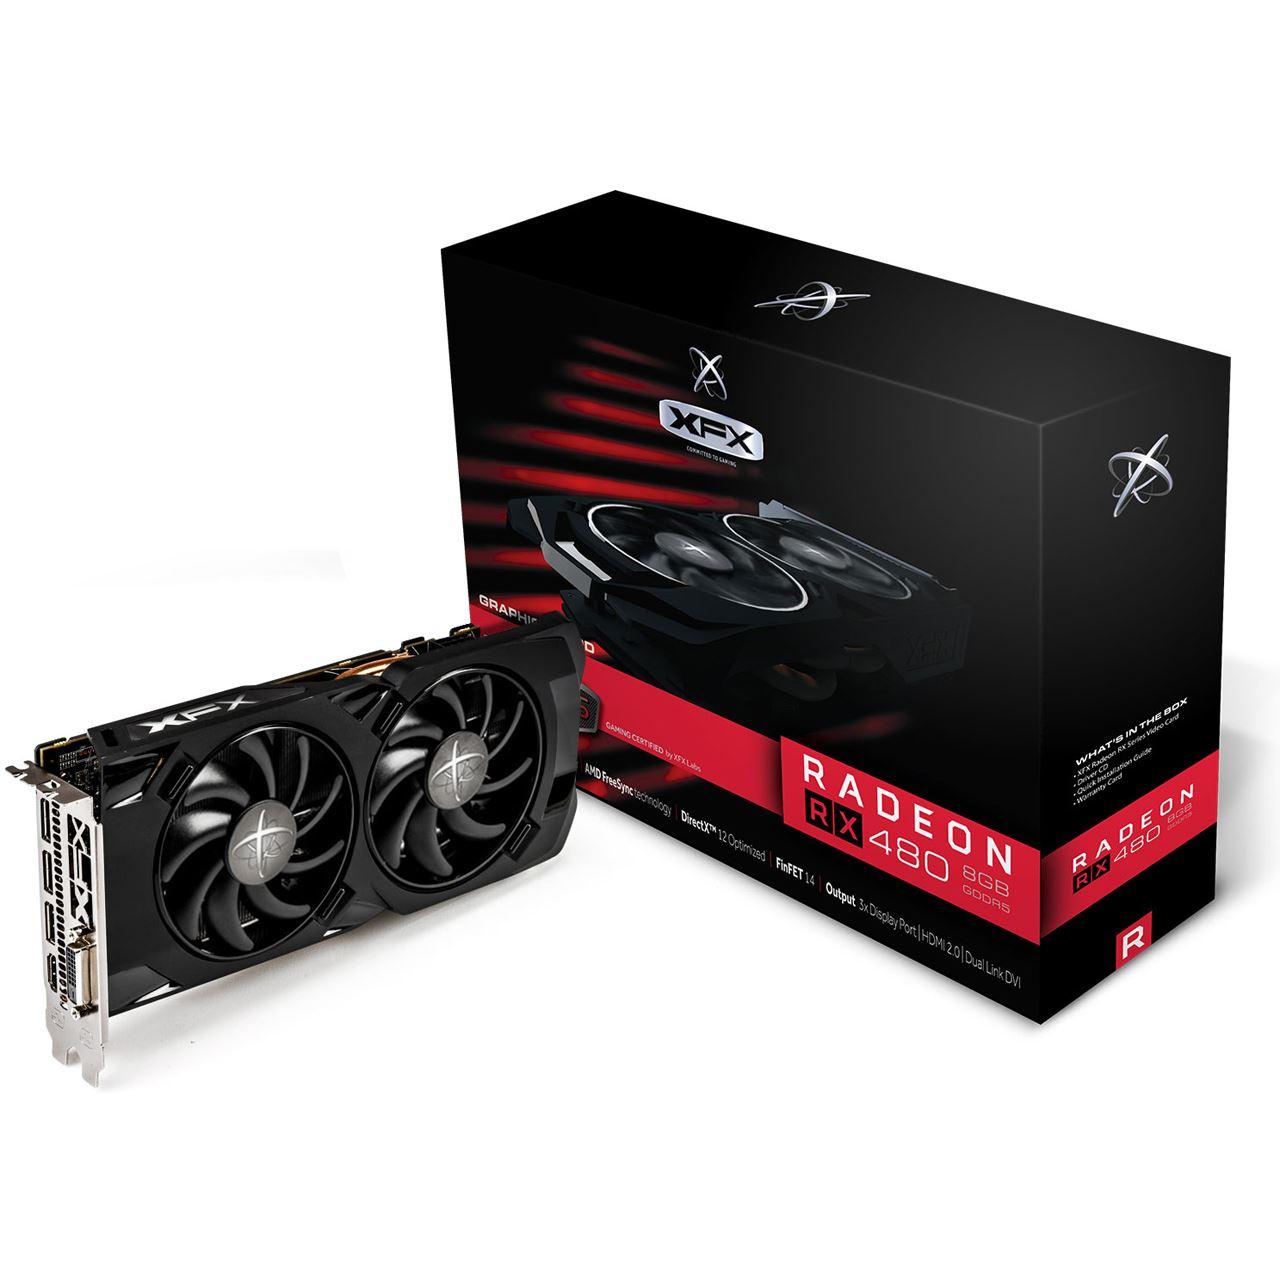 4GB XFX Radeon RX 480 RS Aktiv PCIe 3.0 x16 (Retail) + Doom